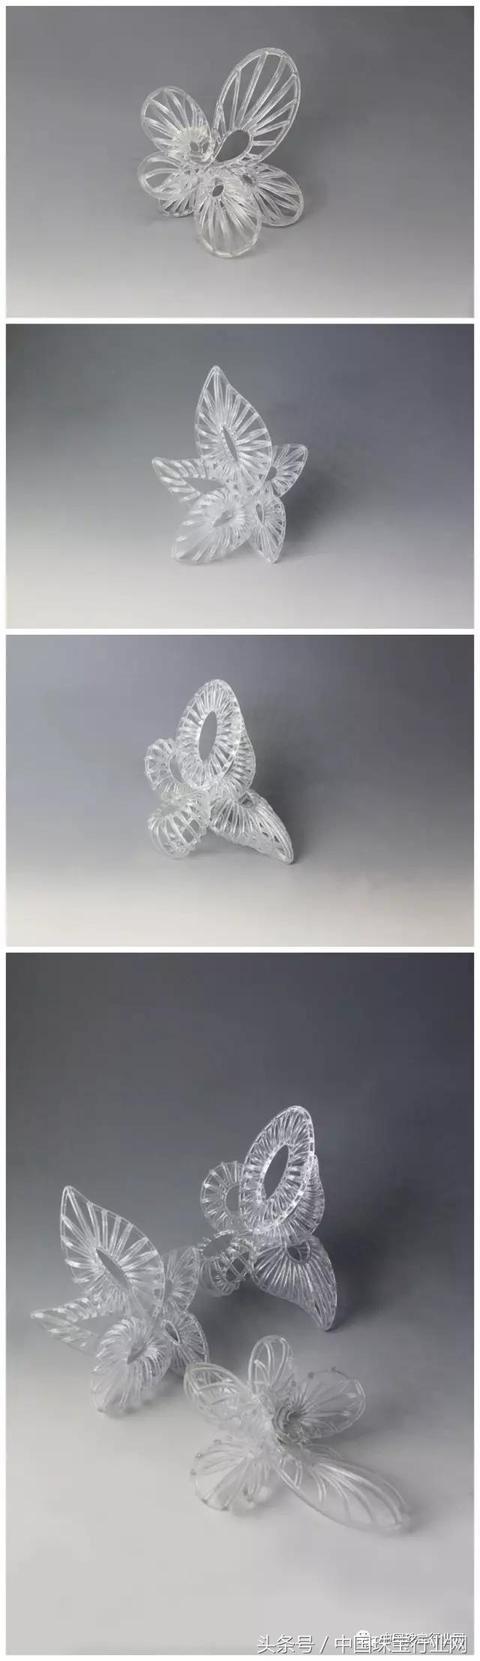 中国珠宝行业网:第三届丨毕业季设计创意大pk——上海